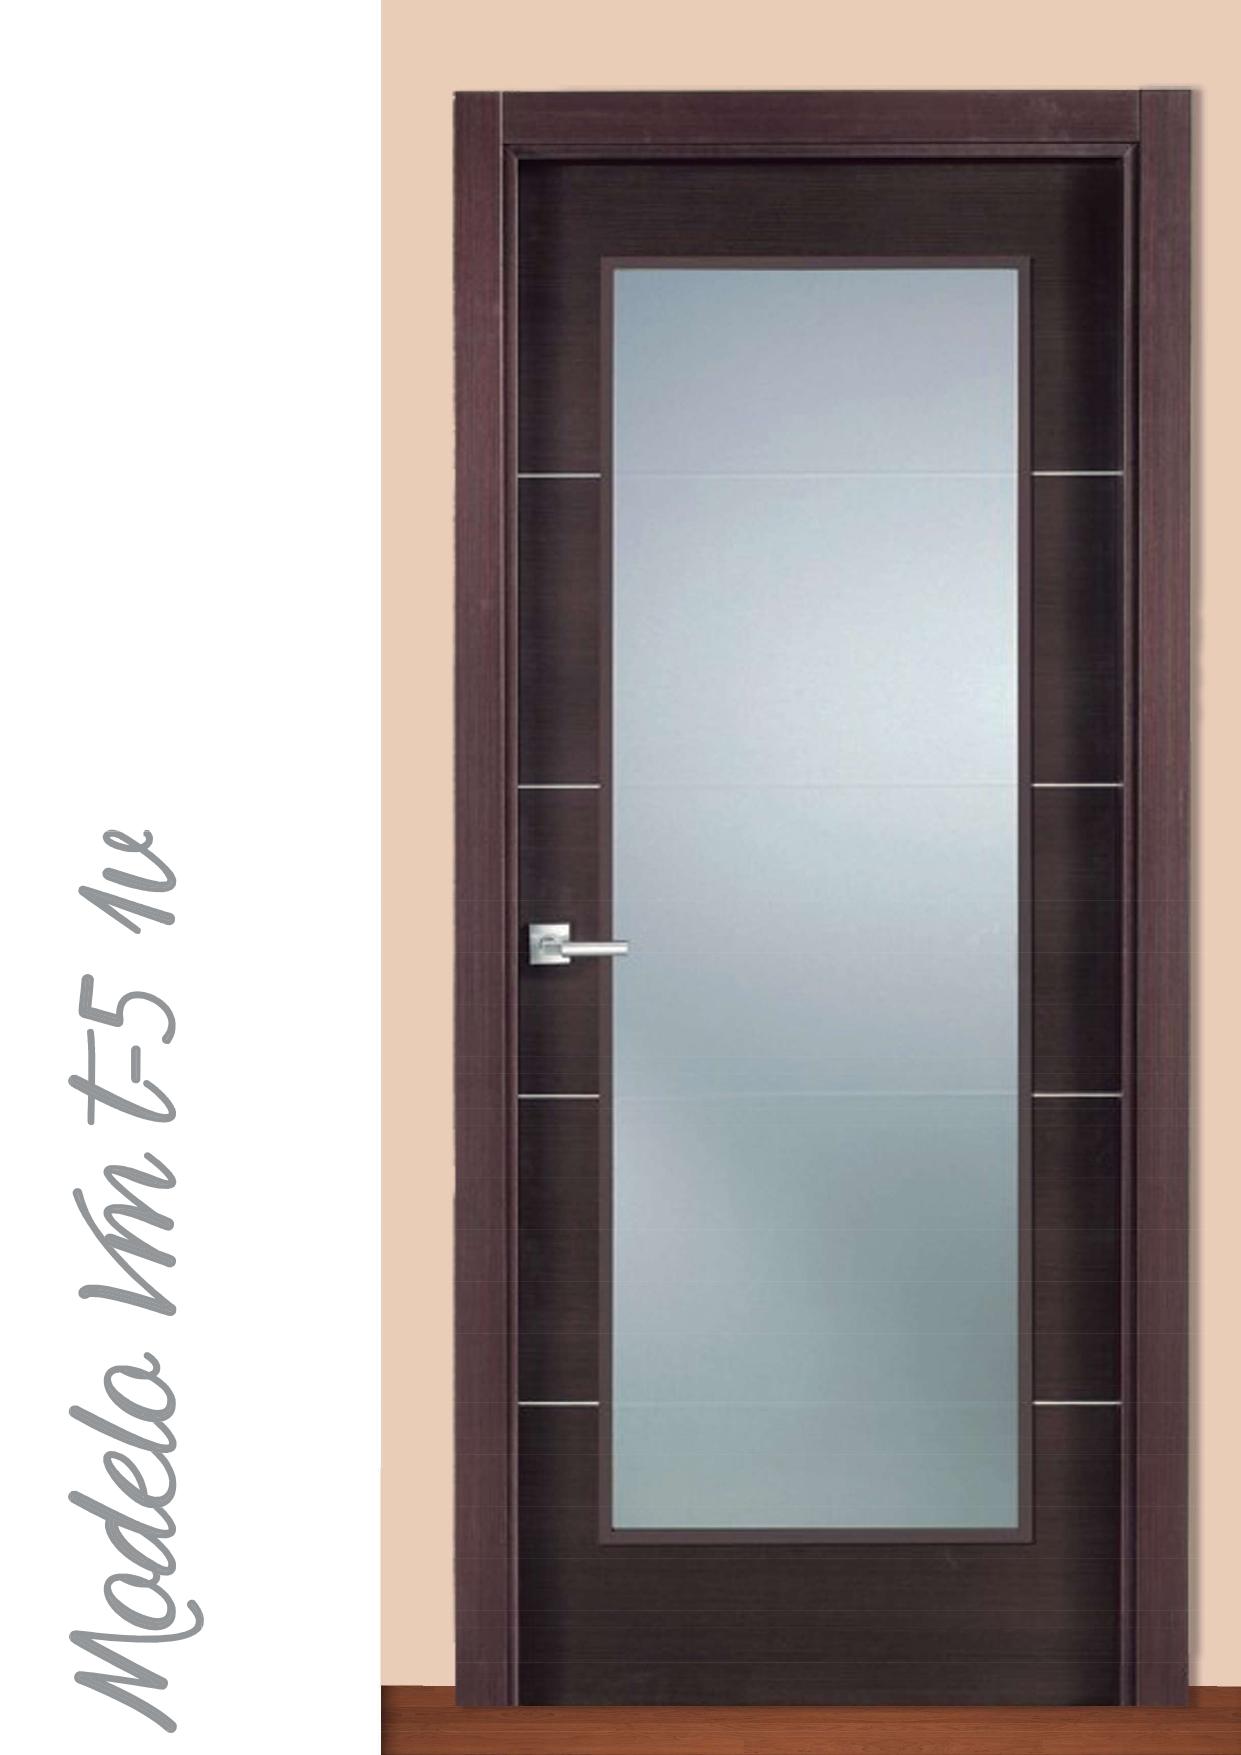 Puerta MODELO Vm t-5 1v